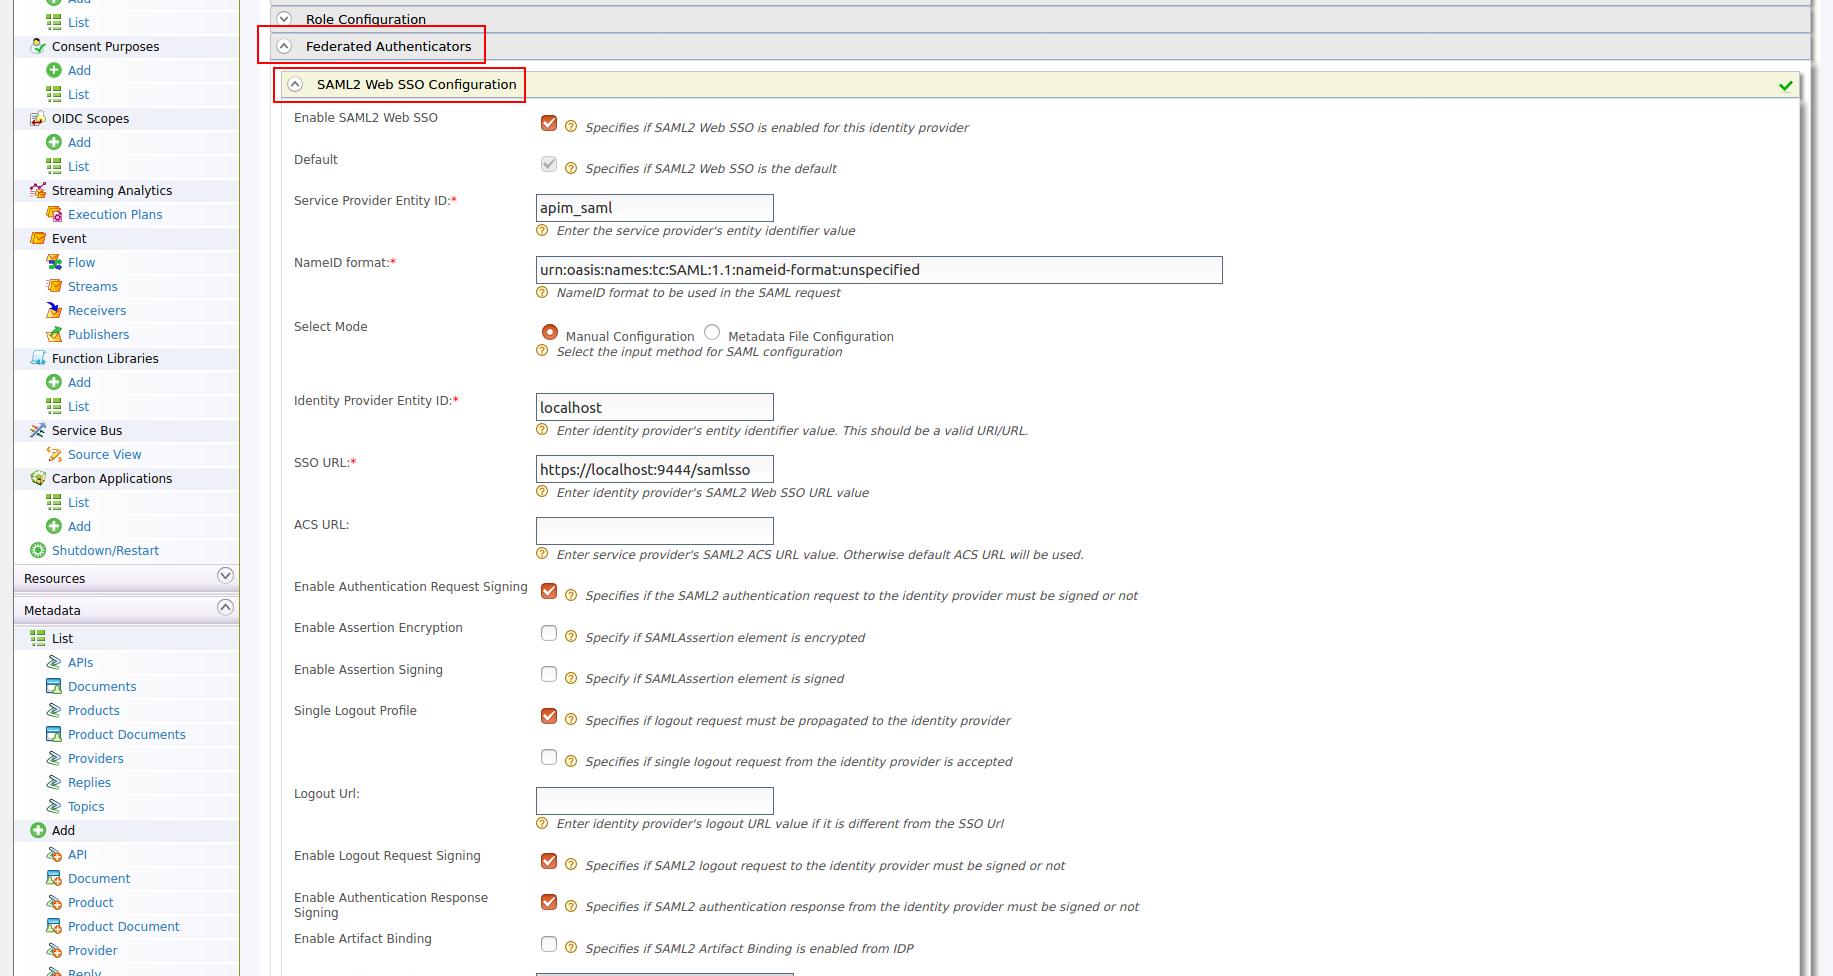 saml-configuration-in-identity-provider